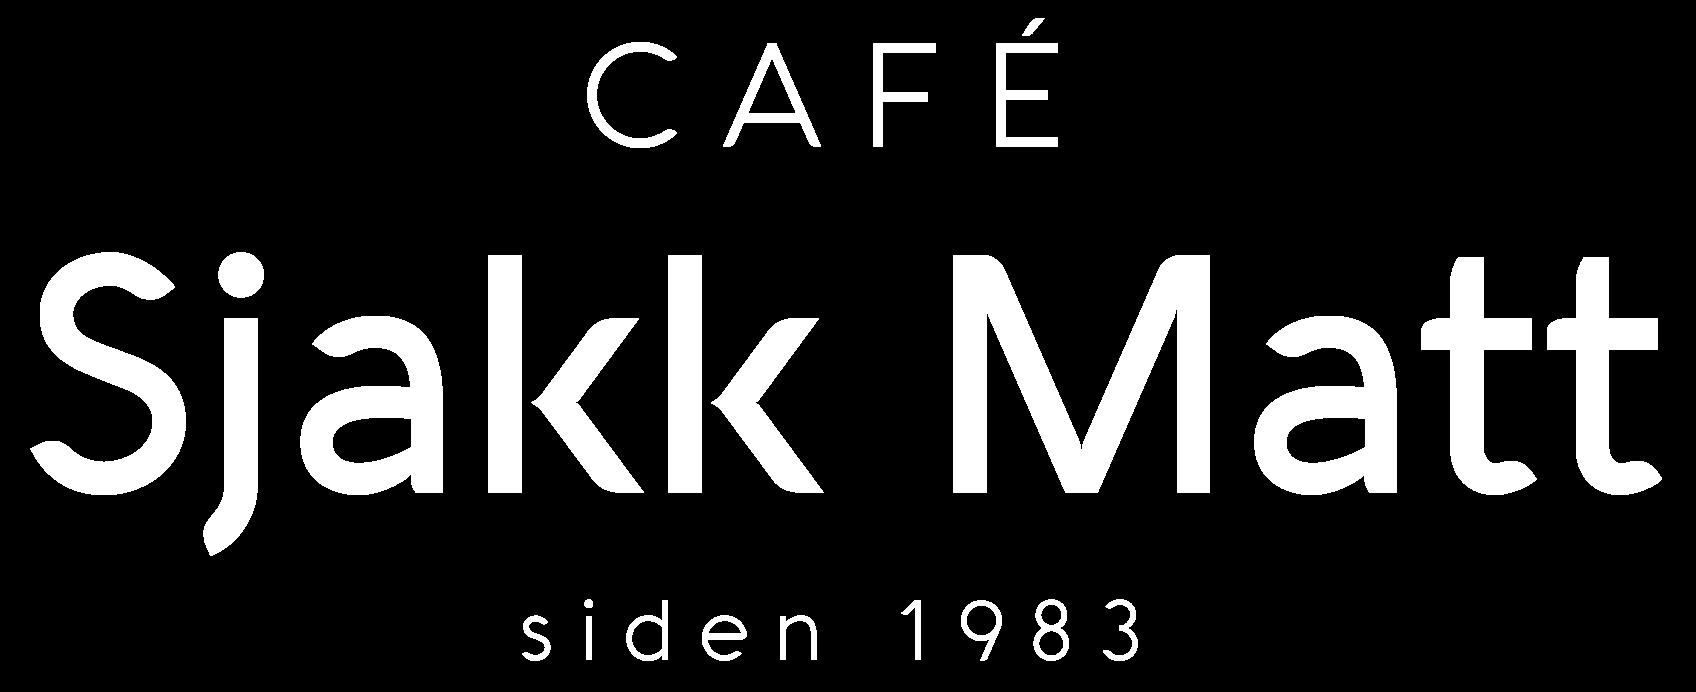 Café Sjakk Matt